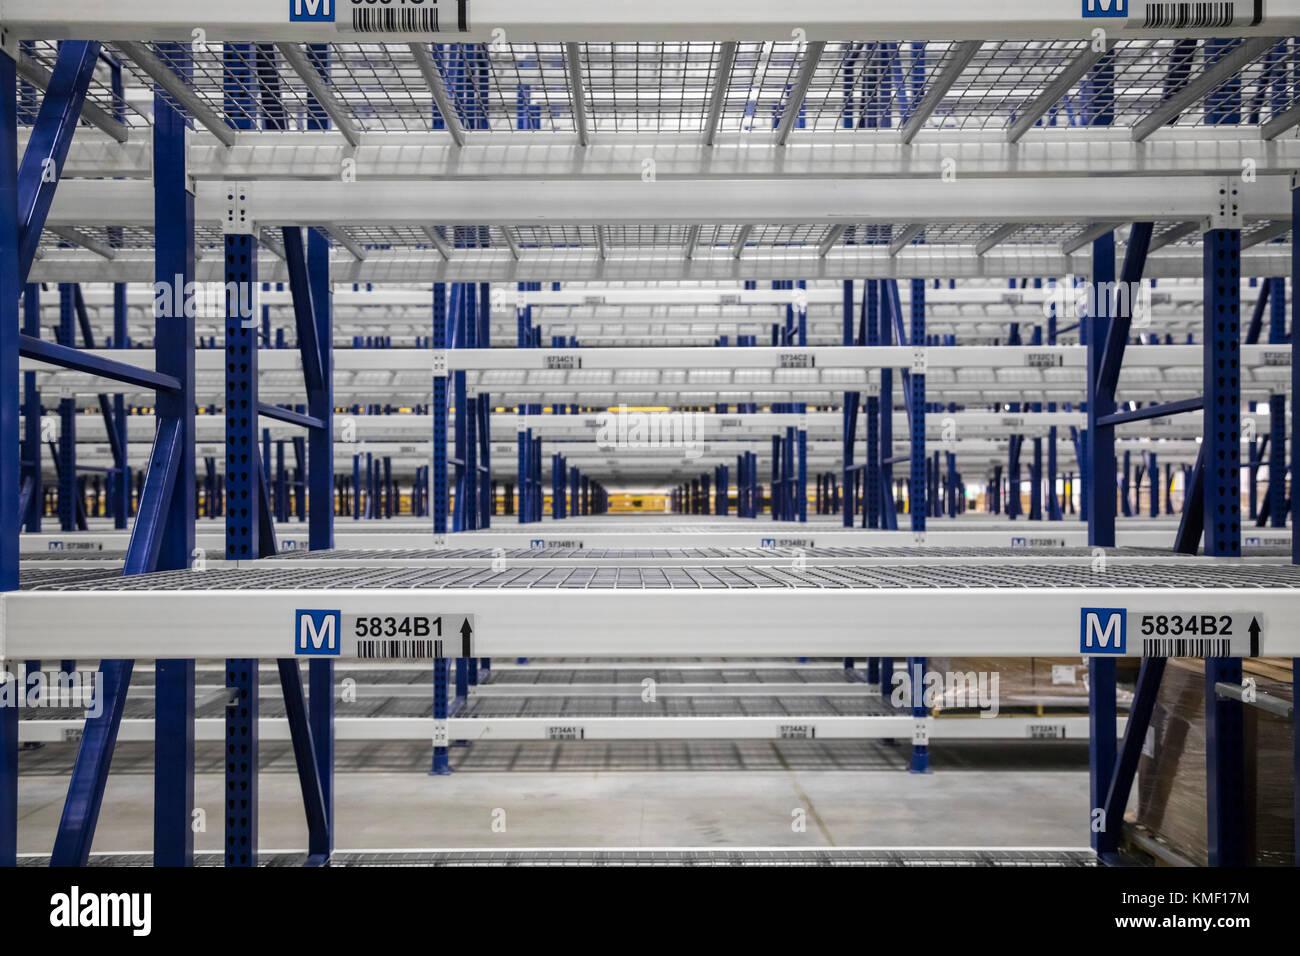 Romulus, Michigan - Empty shelves at a new Mopar auto parts distribution center. Mopar is the auto parts operation - Stock Image